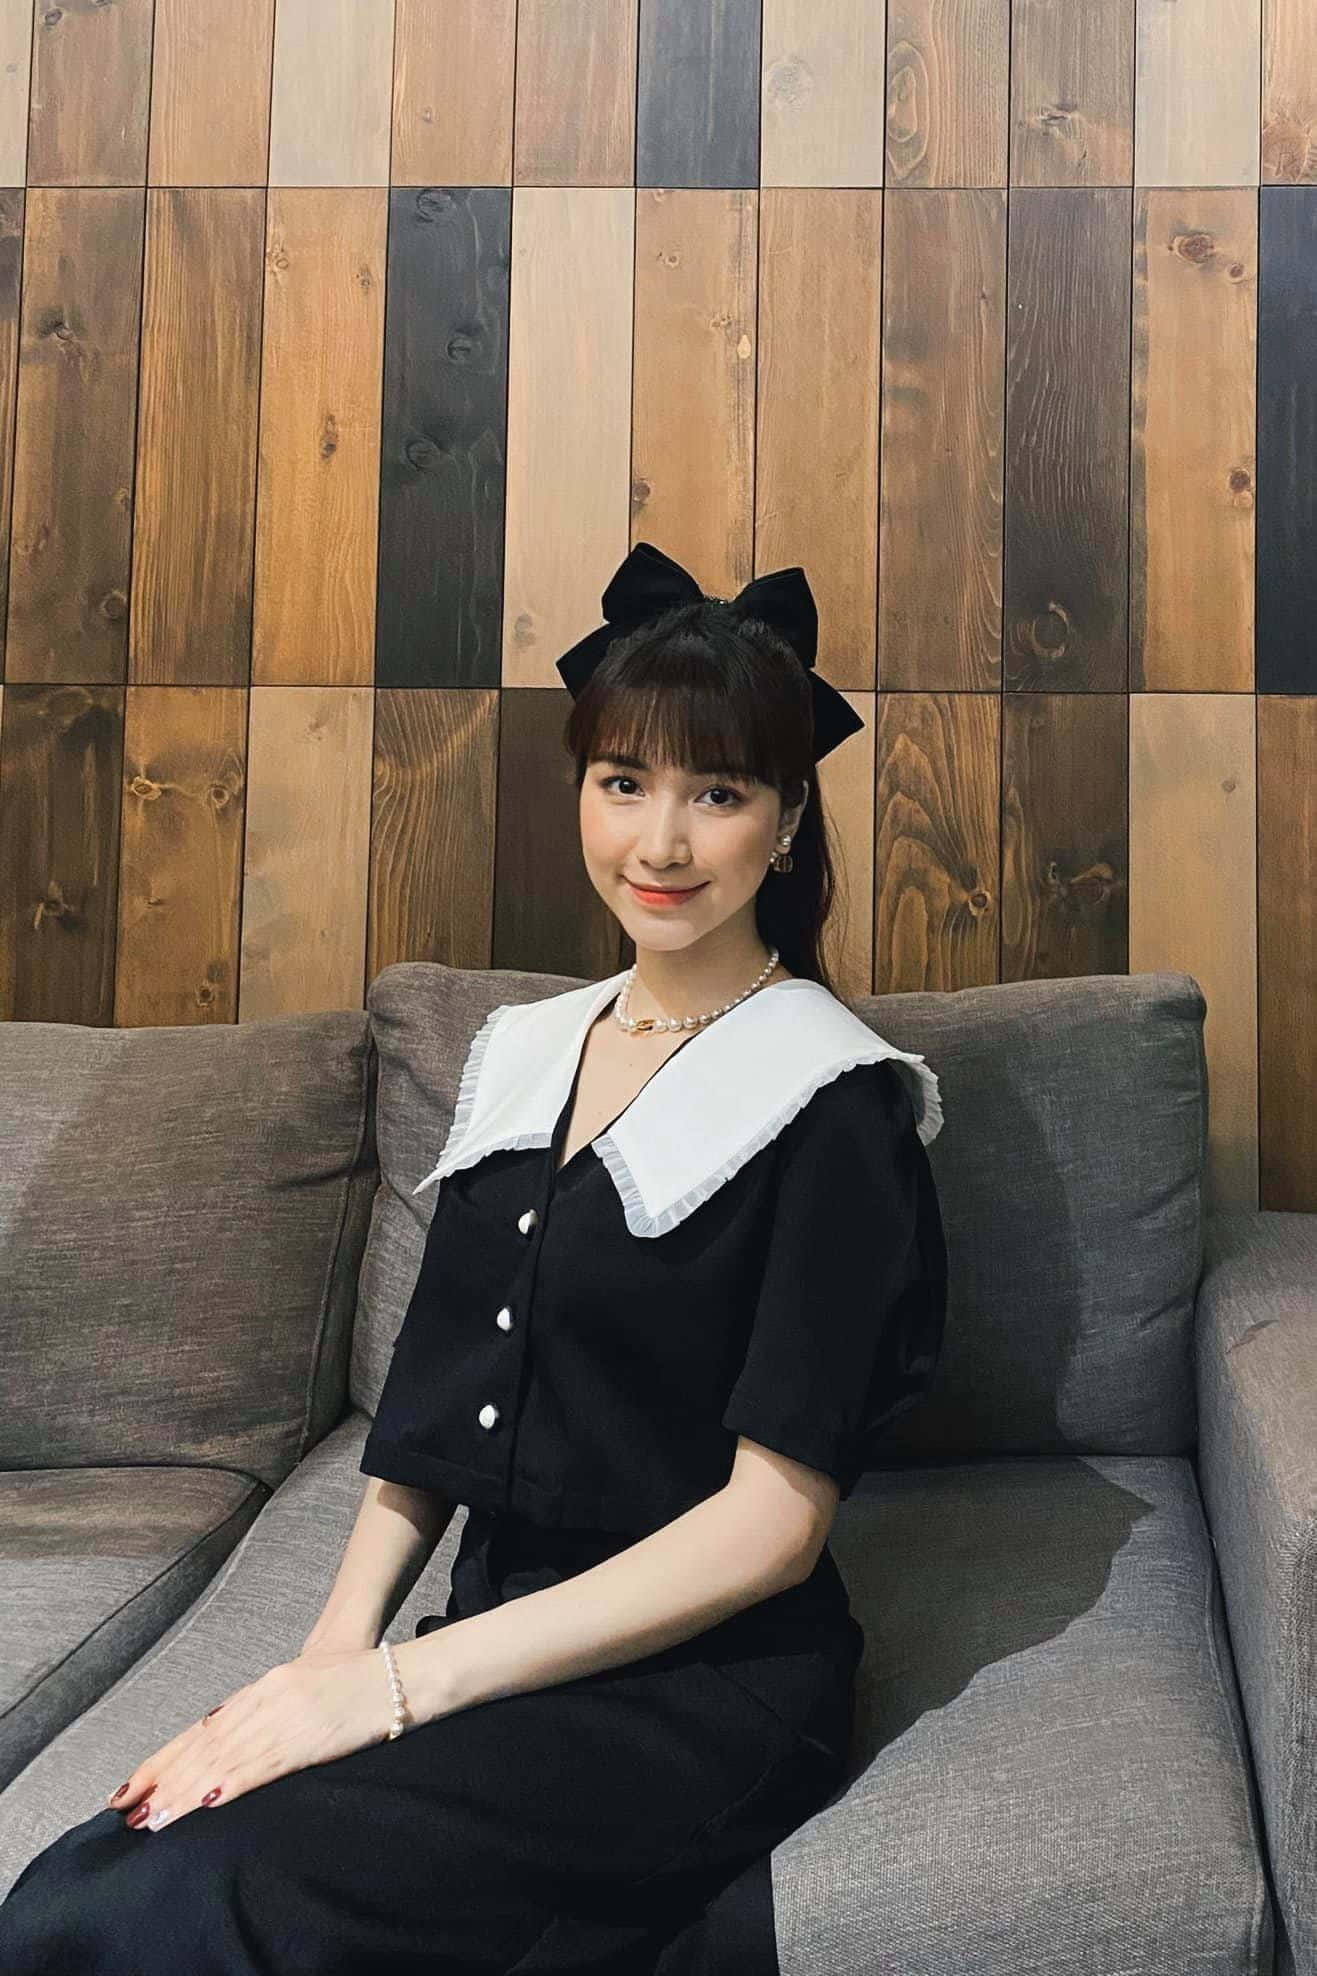 Ngày Công Phượng lấy vợ, Hoà Minzy không diện váy trắng vẫn đẹp lộng lẫy như nàng công chúa - 5